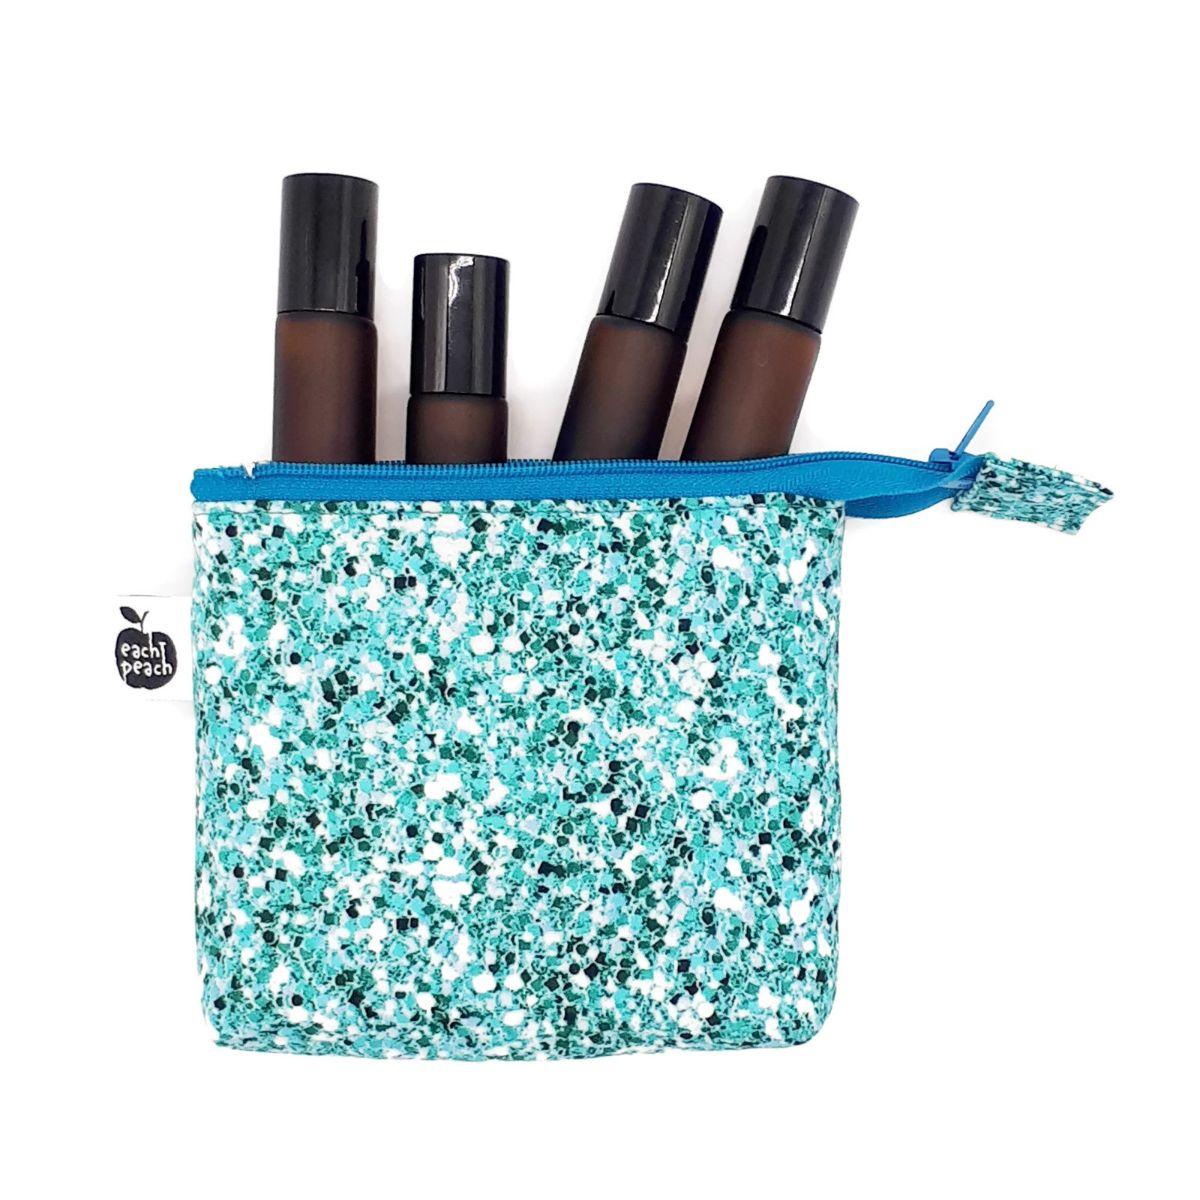 essential-oil-gift-aqua-glitter